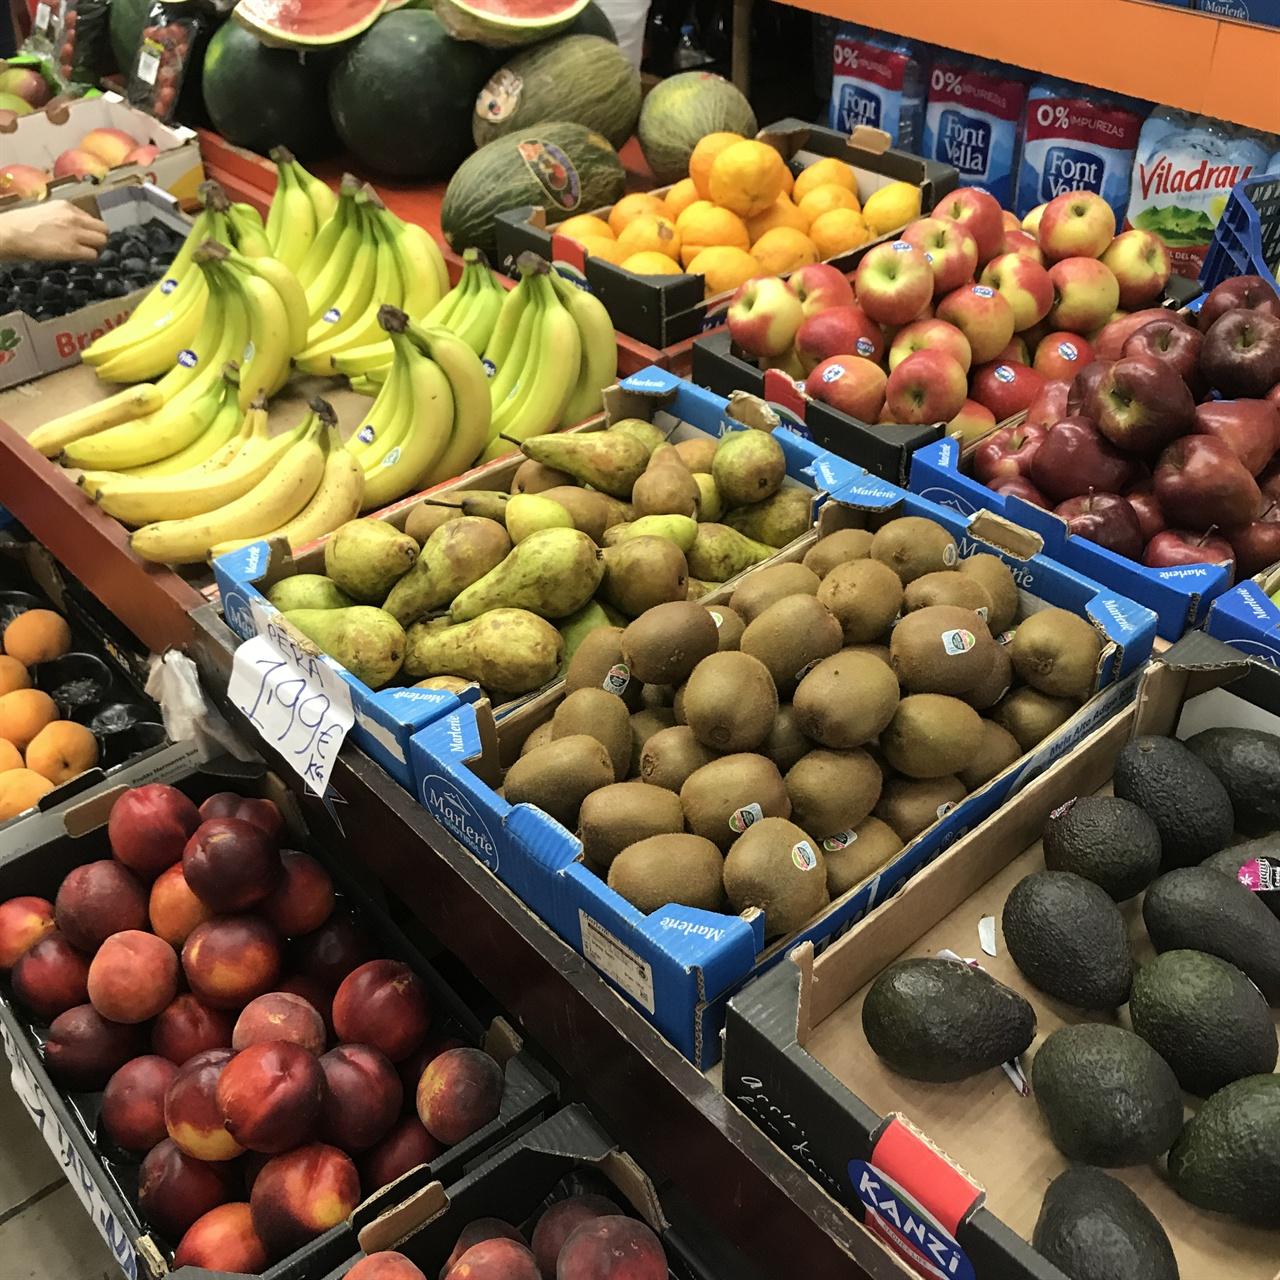 다채로운 색깔의 과일들 거리에서 만난 과일들